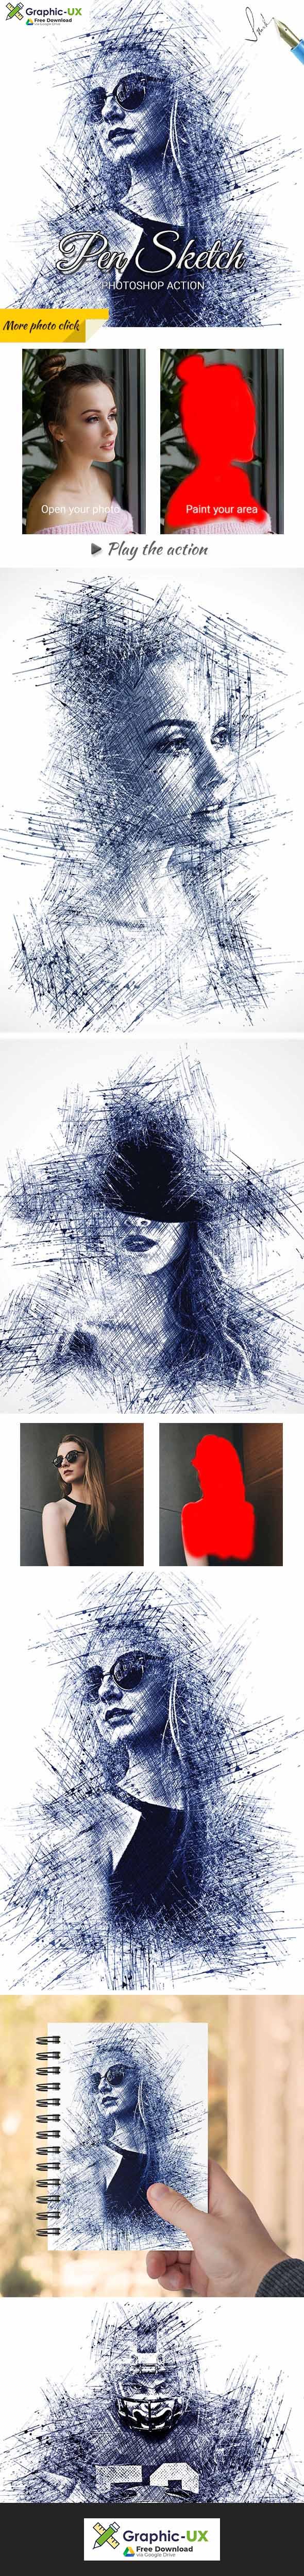 Pen Sketch Photoshop Action